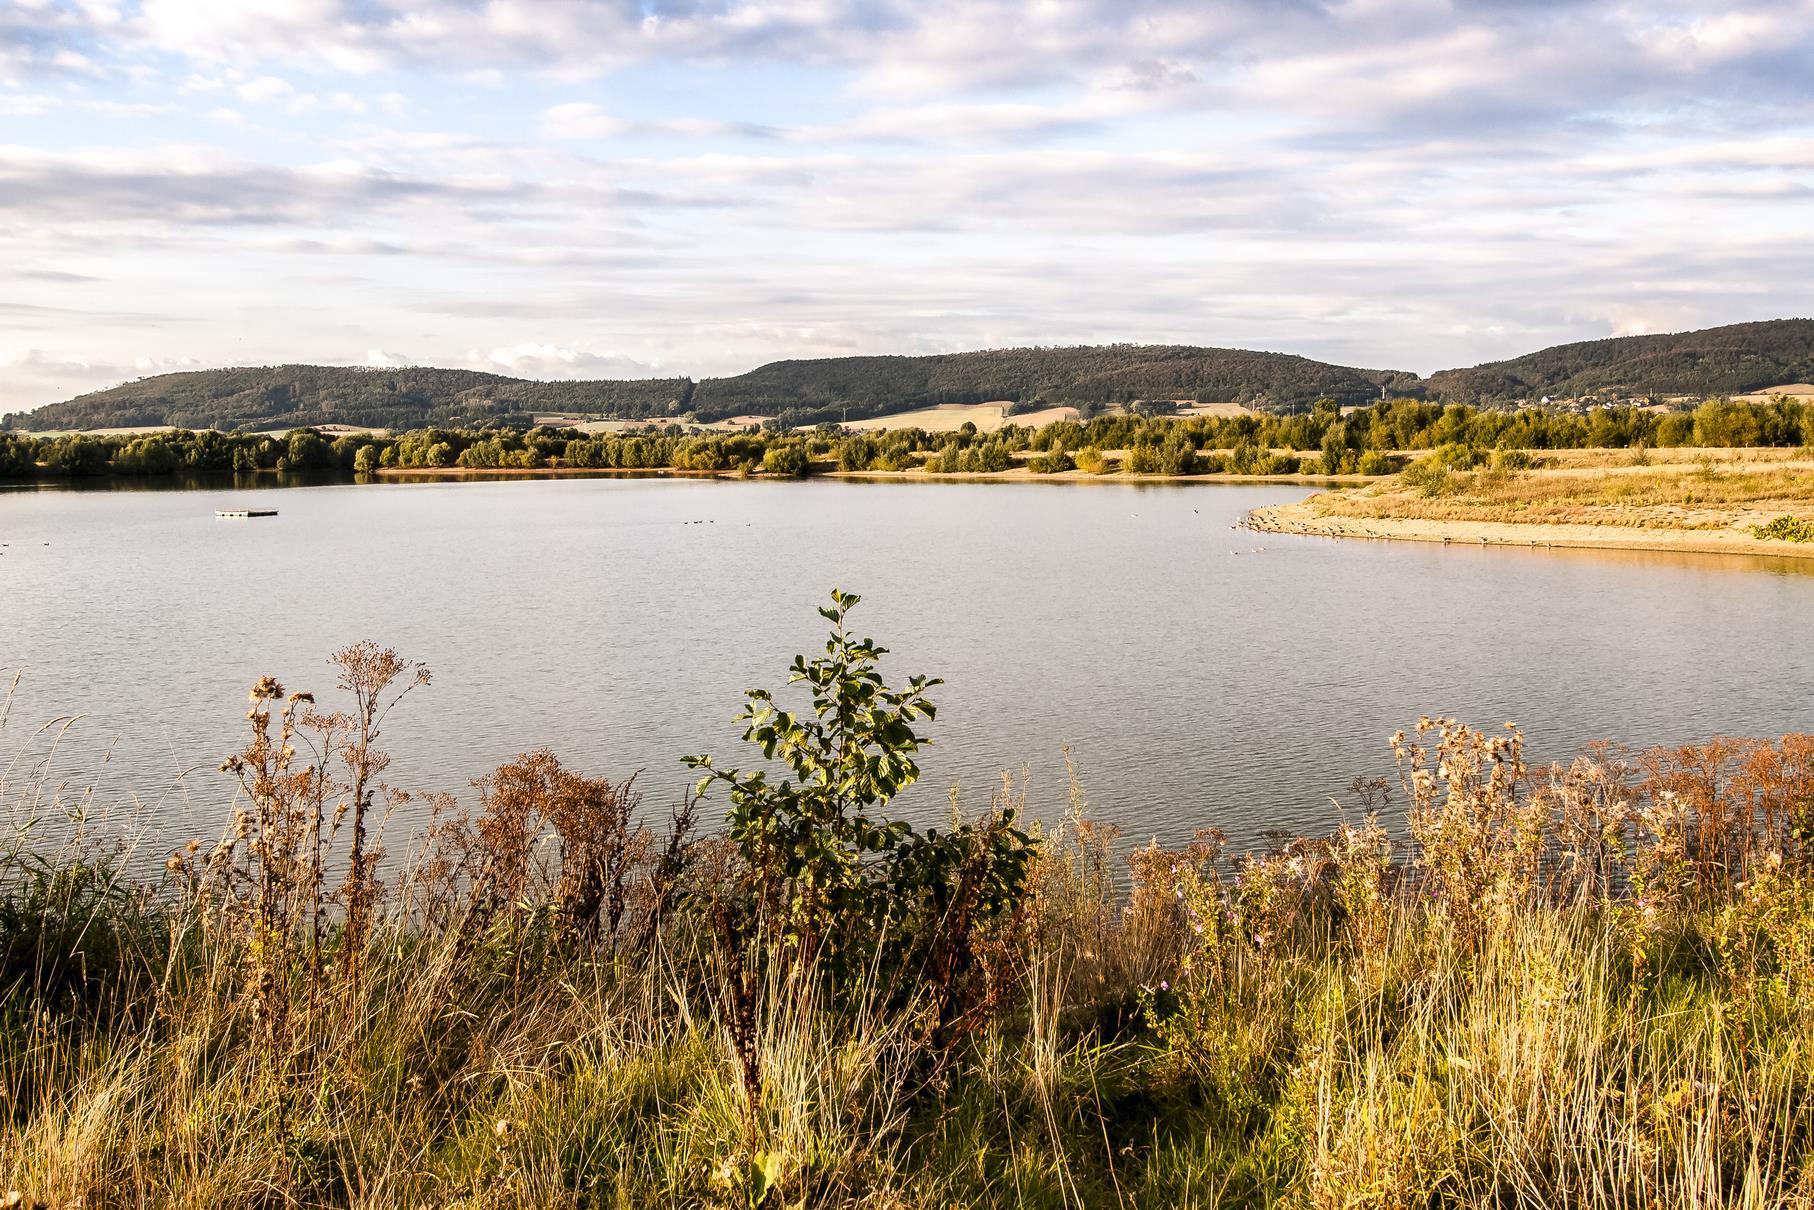 Der westliche Teich mit dem Flussseeschwalbenfloß im Abendlicht.